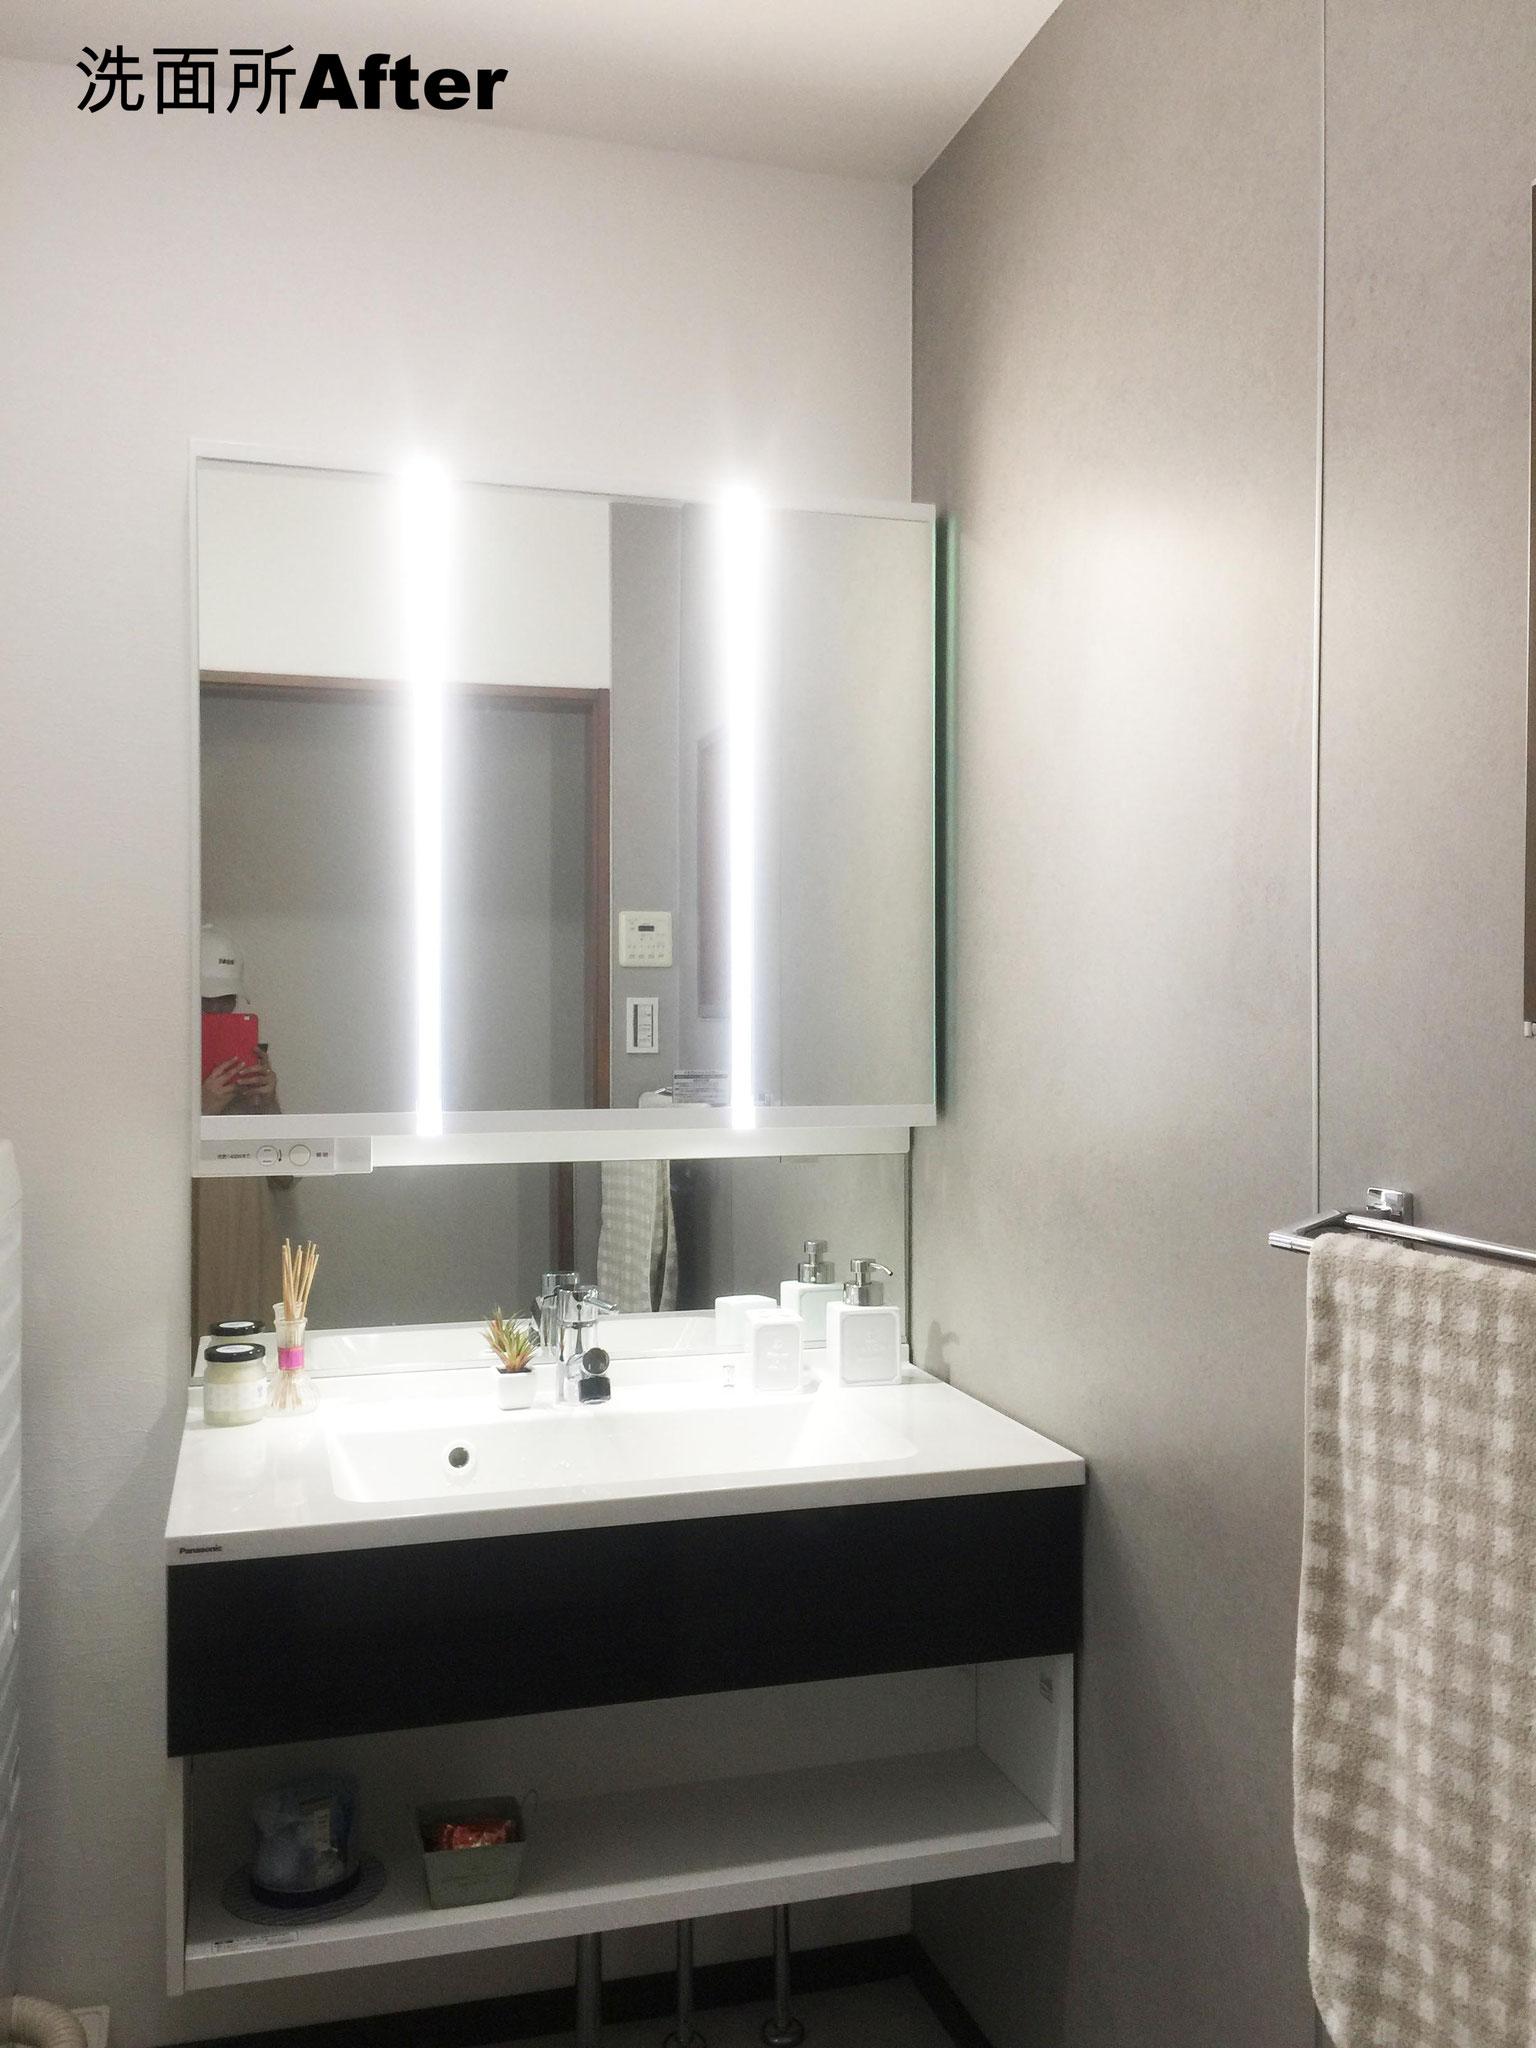 洗面台横には石目柄のパネルを貼り、水ハネしてもさっと拭けます!  見た目もカッコよく。